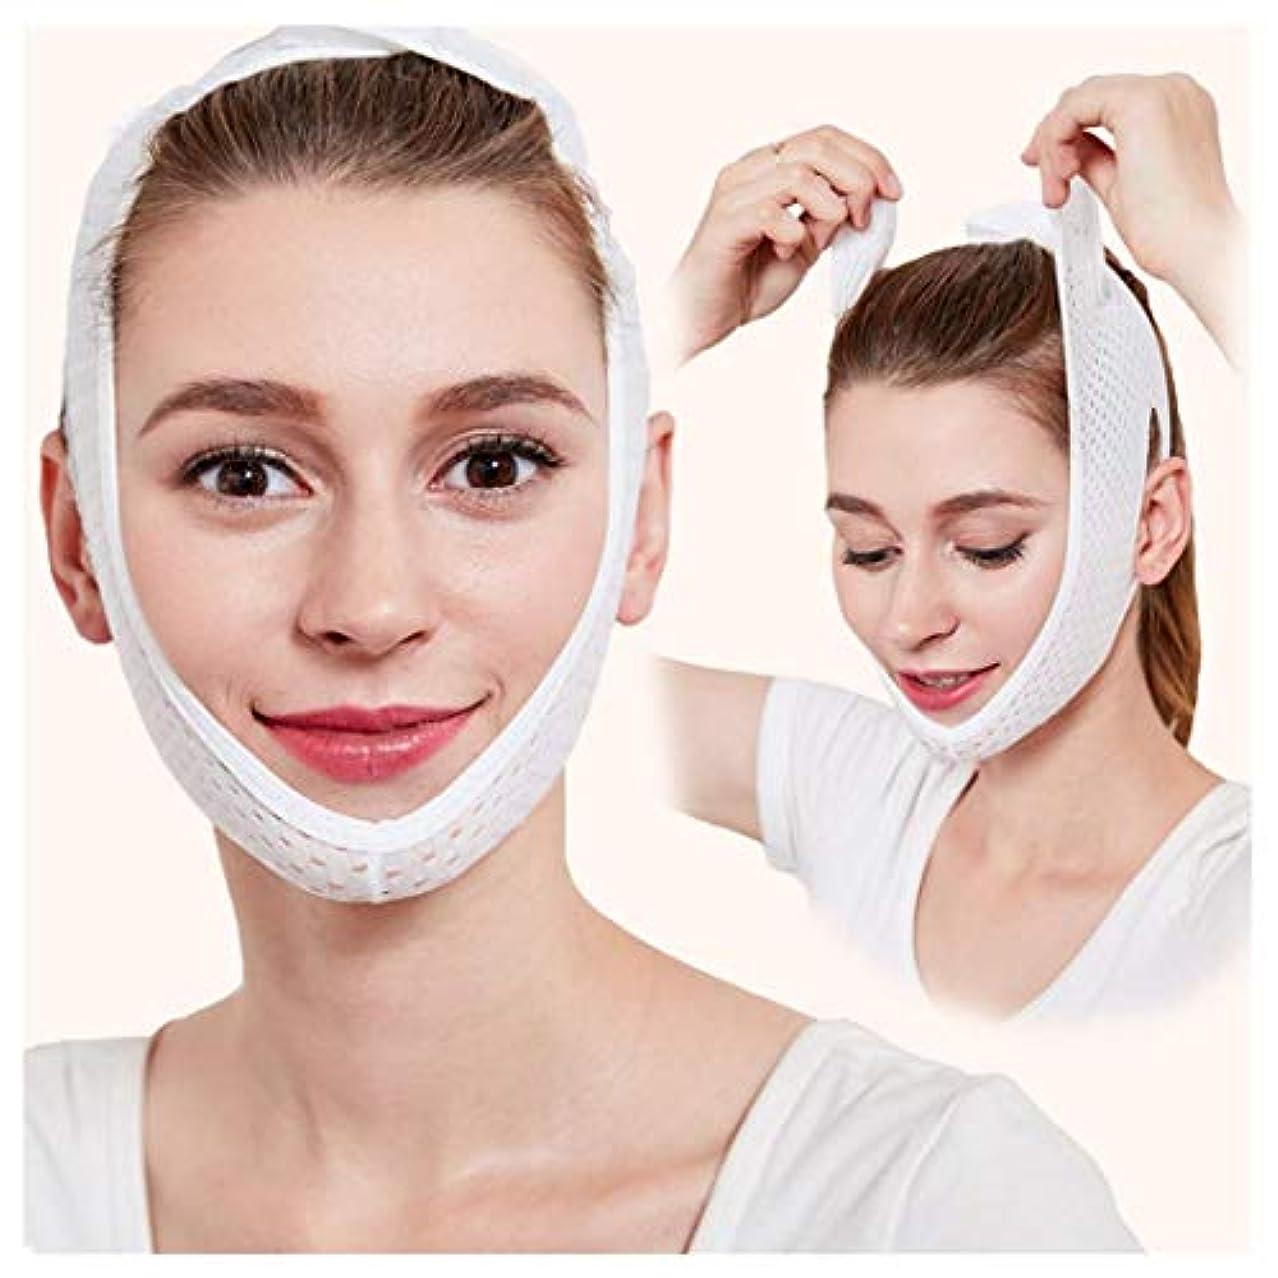 センチメートルメダリストセクタWSJTT 顔のリフティングストラップ、Vラインファーミングラップは、女性のためのバージョンVシェイプフェイススリミングマスクアップグレードリフティングネック二重あごベルトスキンケアチンマスク